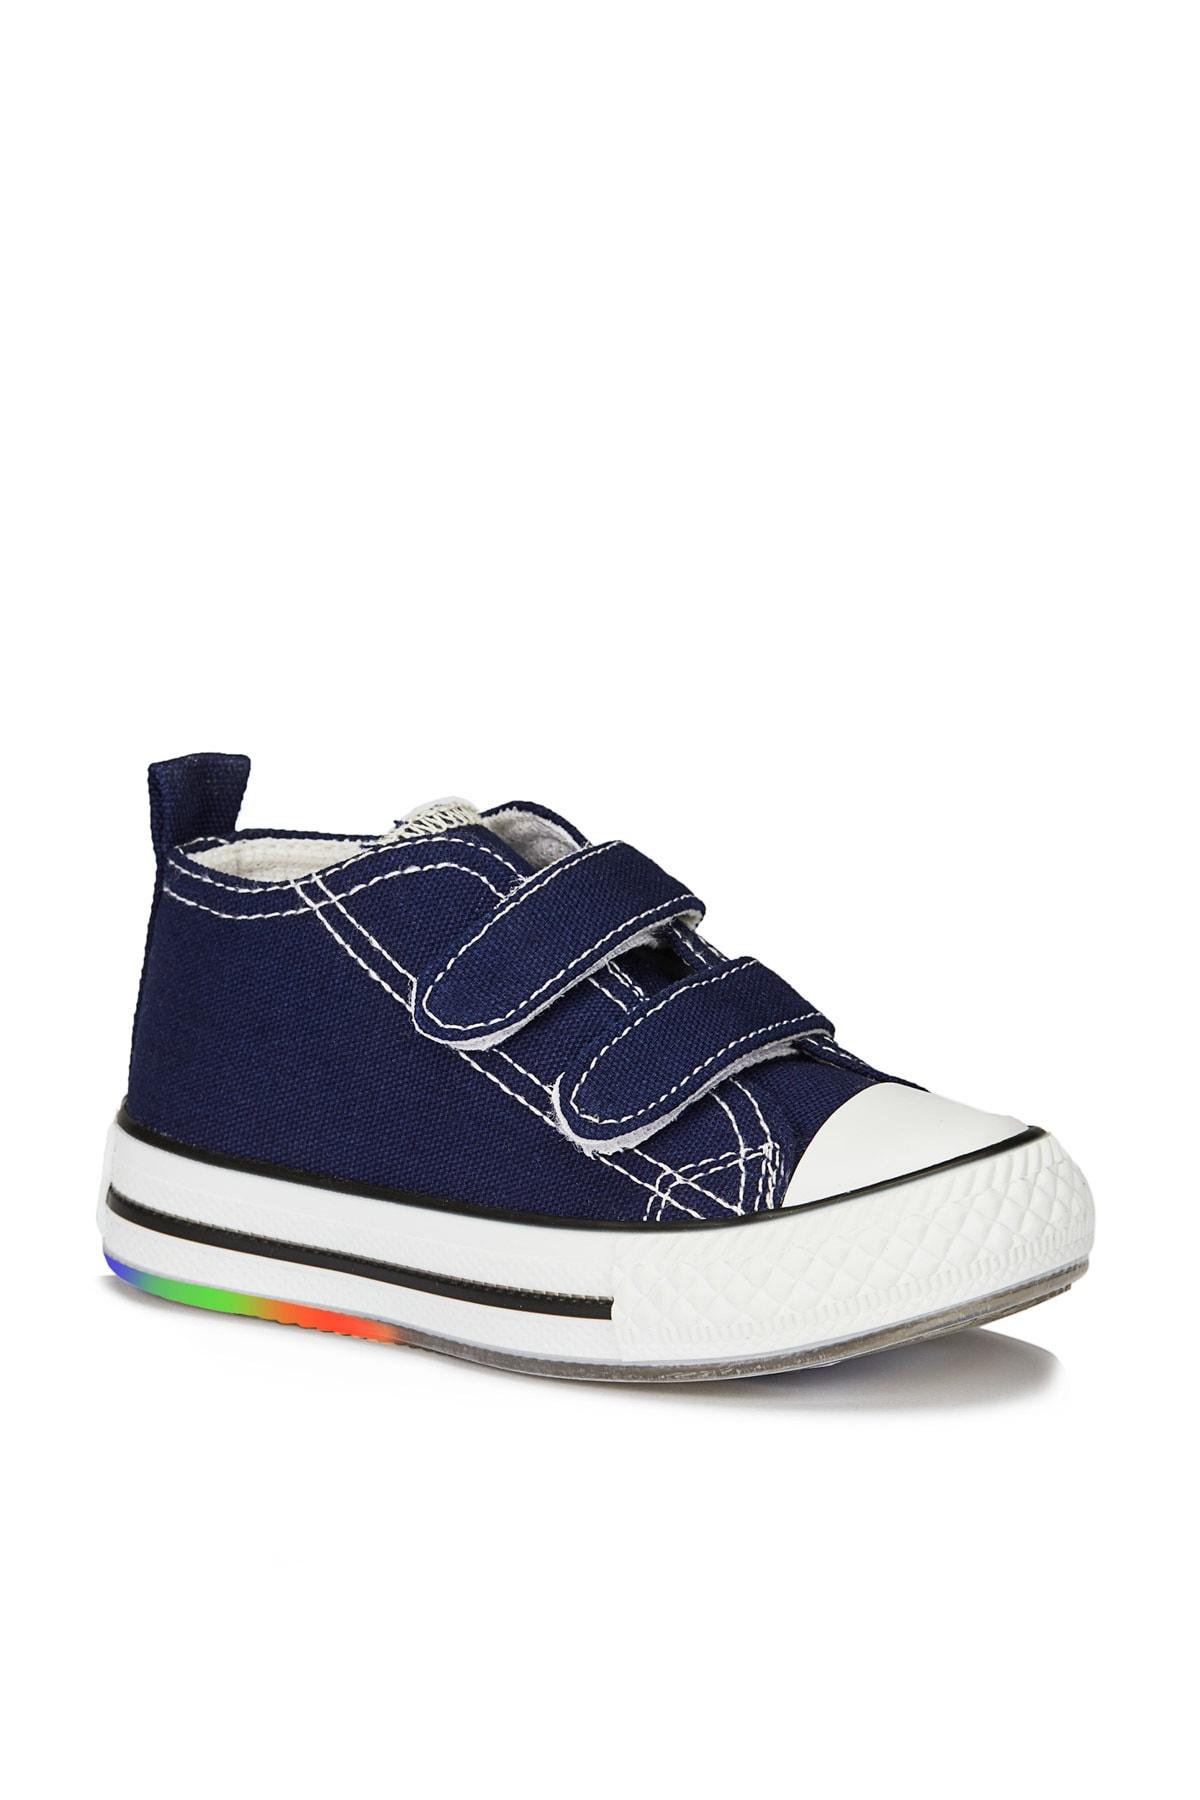 Vicco Pino Unisex Çocuk Lacivert Spor Ayakkabı 1